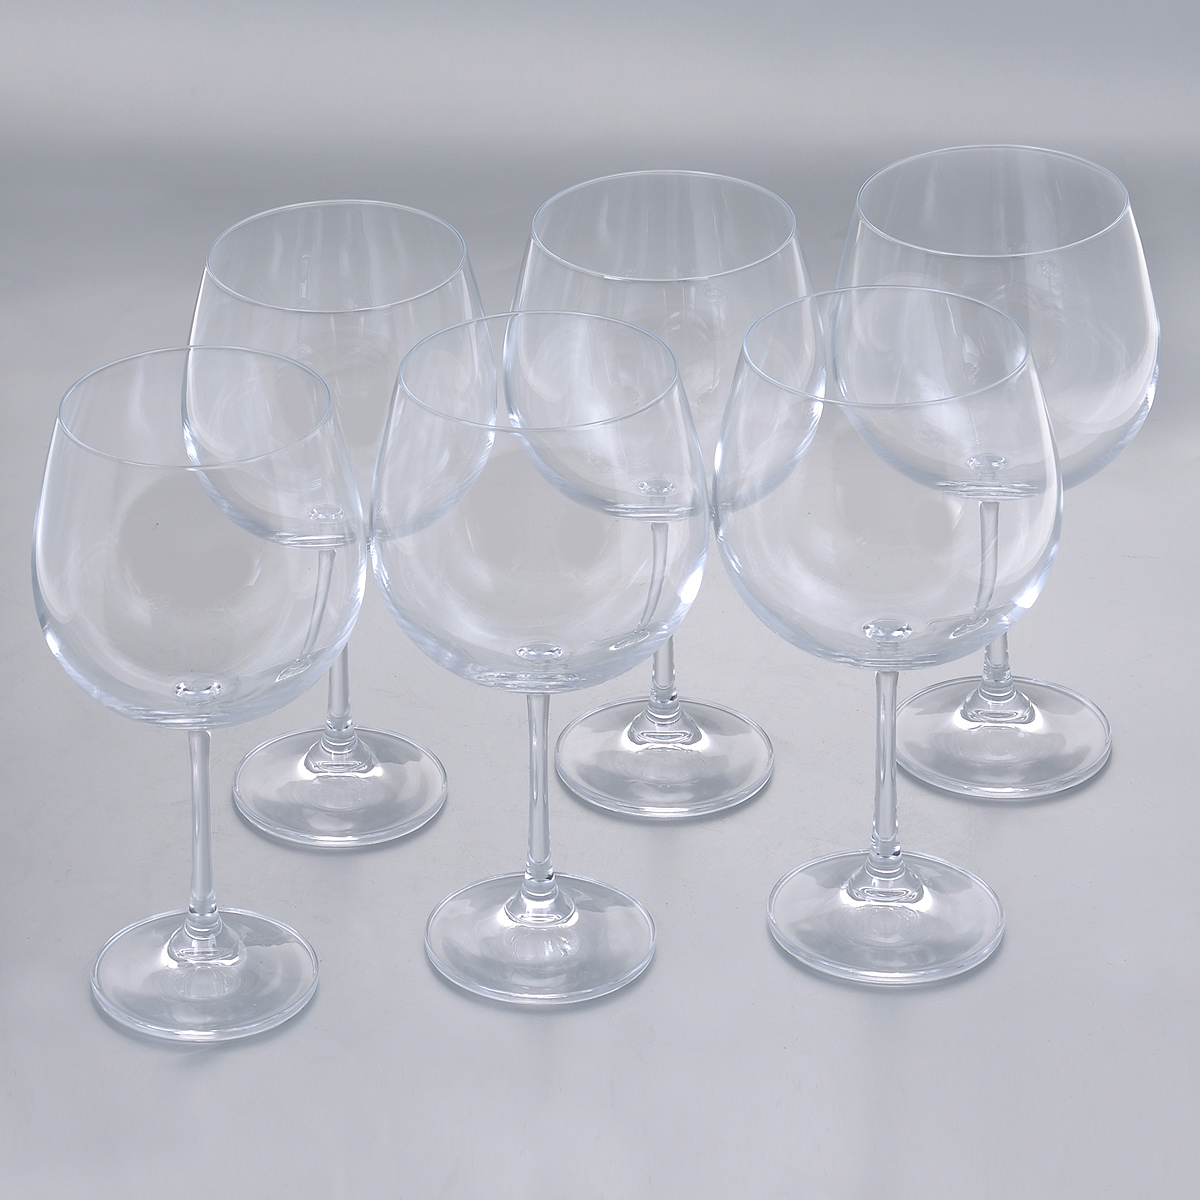 Набор бокалов для красного вина Crystalite Bohemia Барбара, 670 мл, 6 шт1SD22/670Набор Crystalite Bohemia Барбара состоит из шести бокалов, выполненных из прочного высококачественного прозрачного стекла. Изделия оснащены изящными тонкими ножками. Бокалы предназначены для подачи красного вина. Они излучают приятный блеск и издают мелодичный звон. Бокалы сочетают в себе элегантный дизайн и функциональность. Благодаря такому набору пить напитки будет еще вкуснее.Набор бокалов Crystalite Bohemia Барбара прекрасно оформит праздничный стол и создаст приятную атмосферу за романтическим ужином. Такой набор также станет хорошим подарком к любому случаю. Не использовать в посудомоечной машине и микроволновой печи.